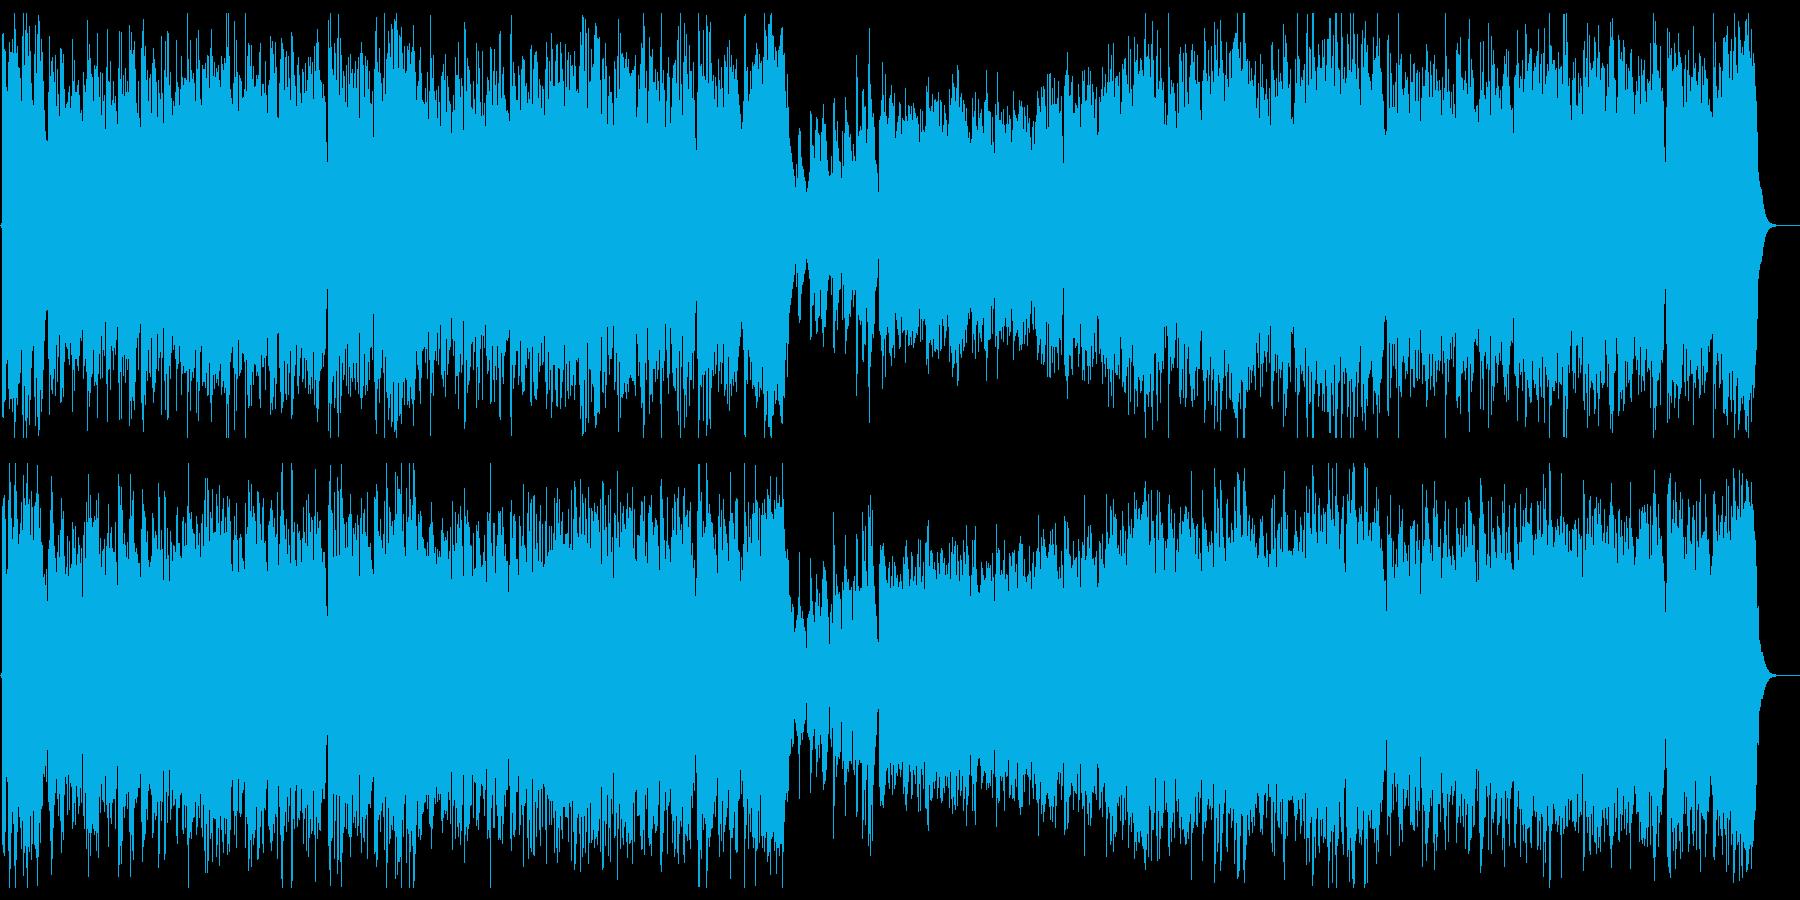 和風明治大正昭和初期・オーケストラ行進曲の再生済みの波形